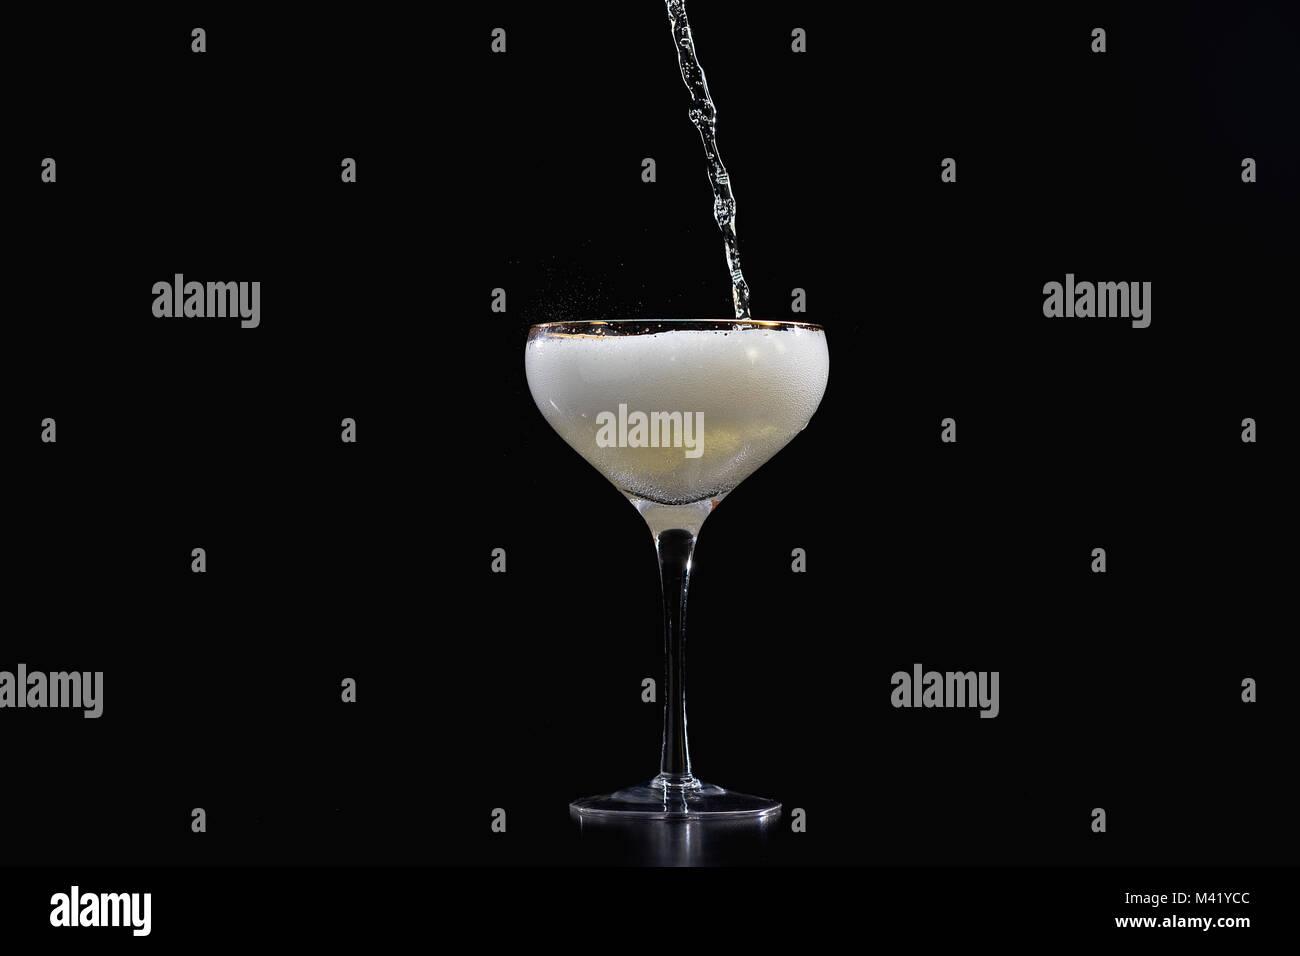 Gießen champagner Sekt in Glas mit schwarzem Hintergrund Stockbild